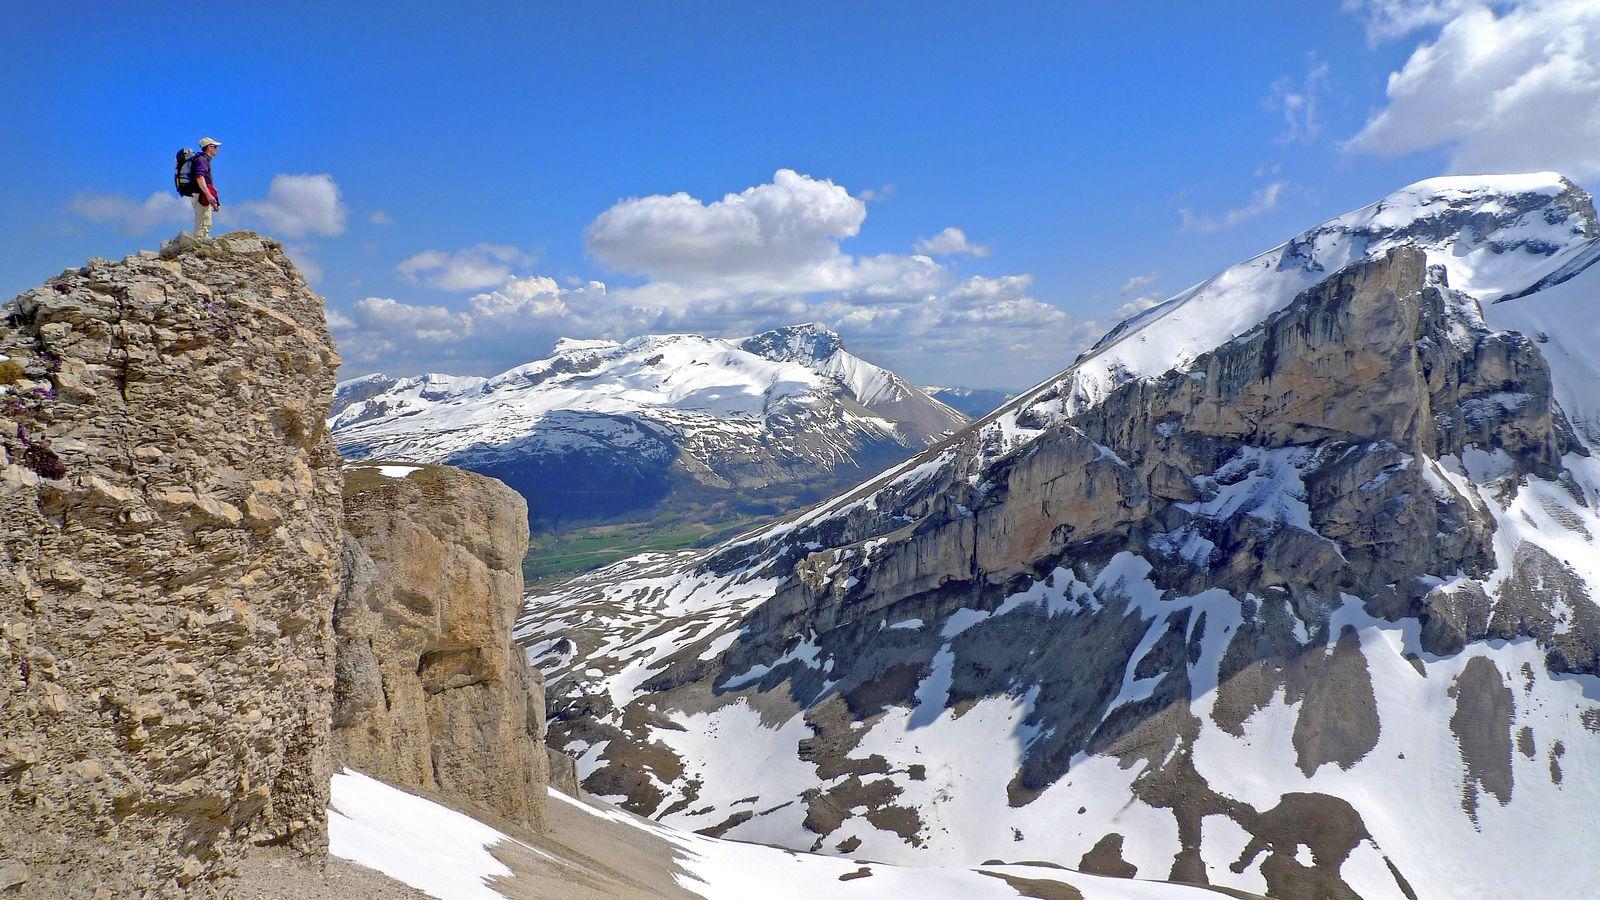 Après le vallon Girier, nous arrivons en haut de la barre des Adroits, face à Roche Courbe. Au fond, le plateau de Bure.